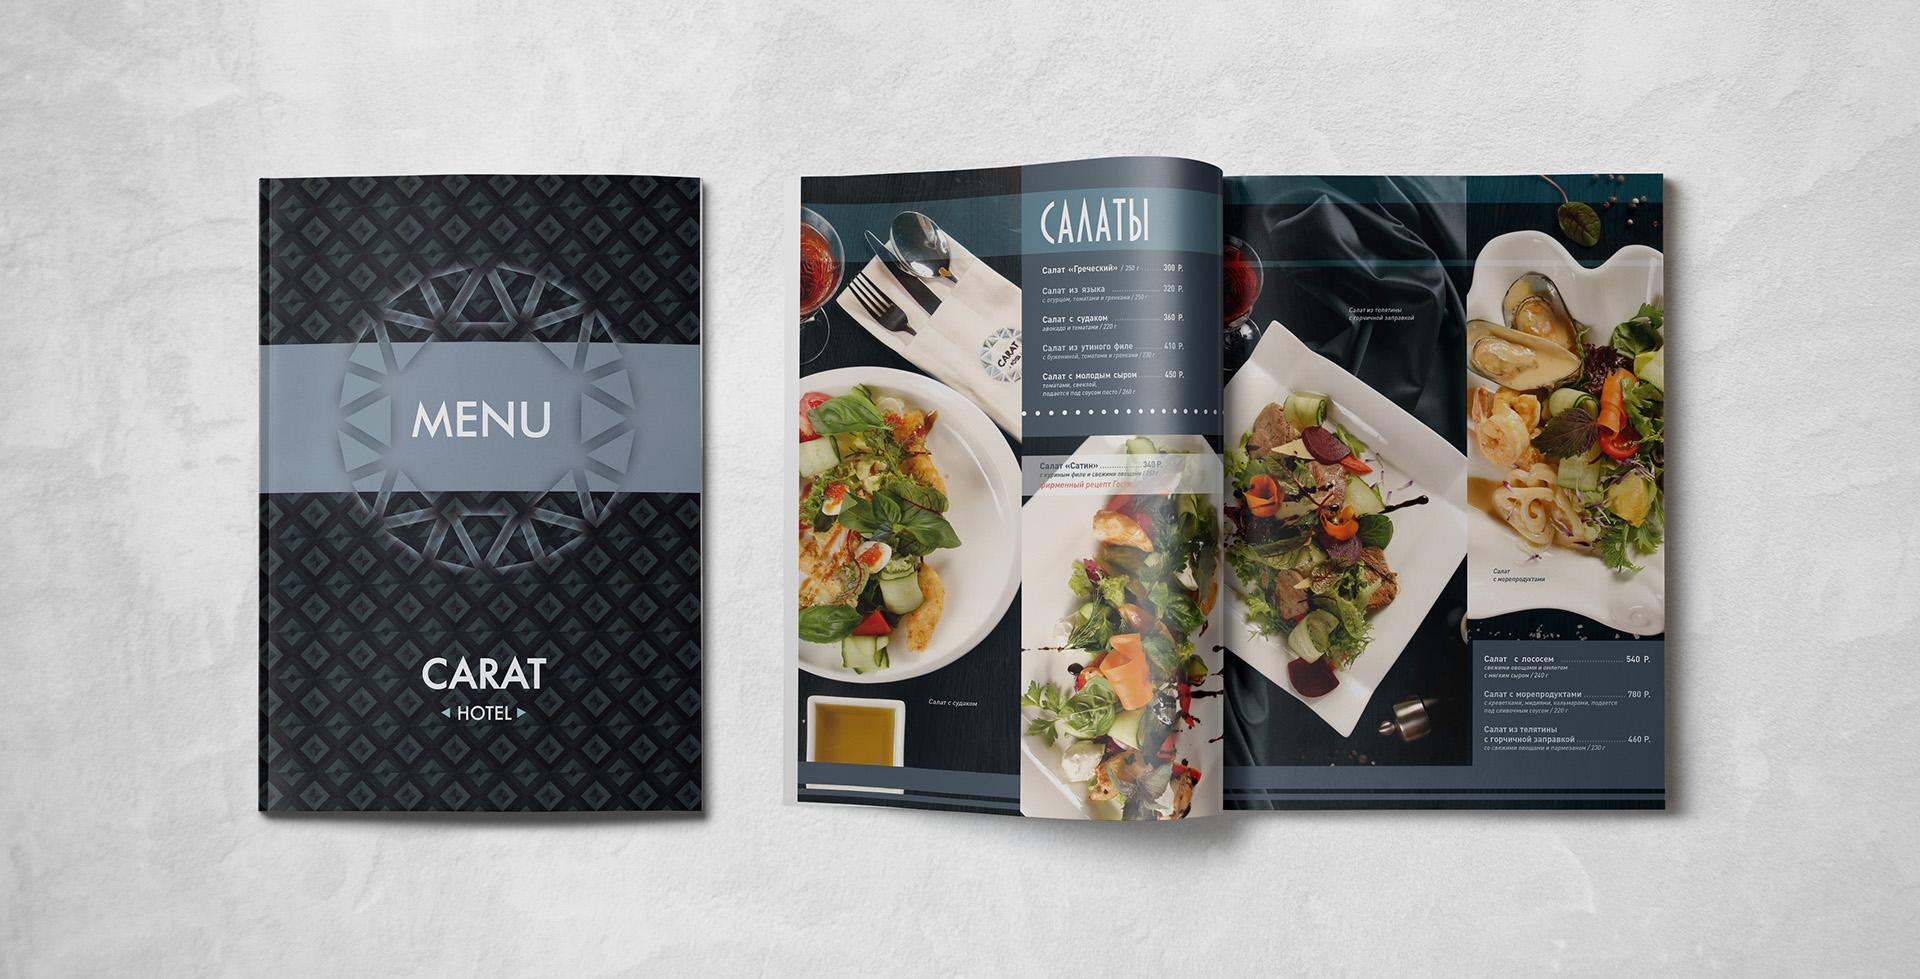 найдете актуальные кто делает фотографии меню для ресторана полезная, вкусная привлекательная